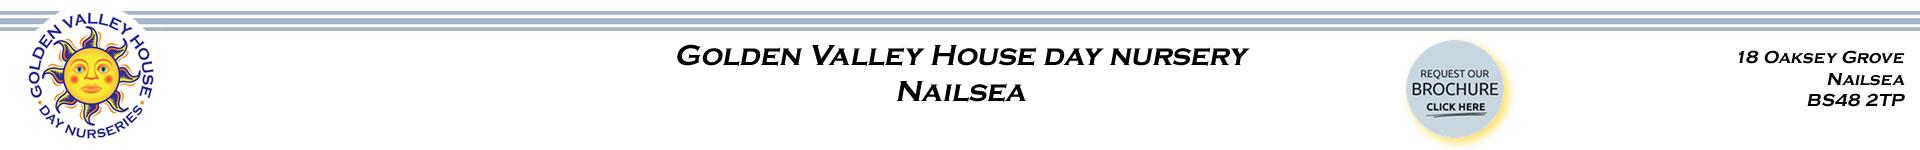 Day nursery Nailsea | Nursery Nailsea | Children's Nursery | near Bristol